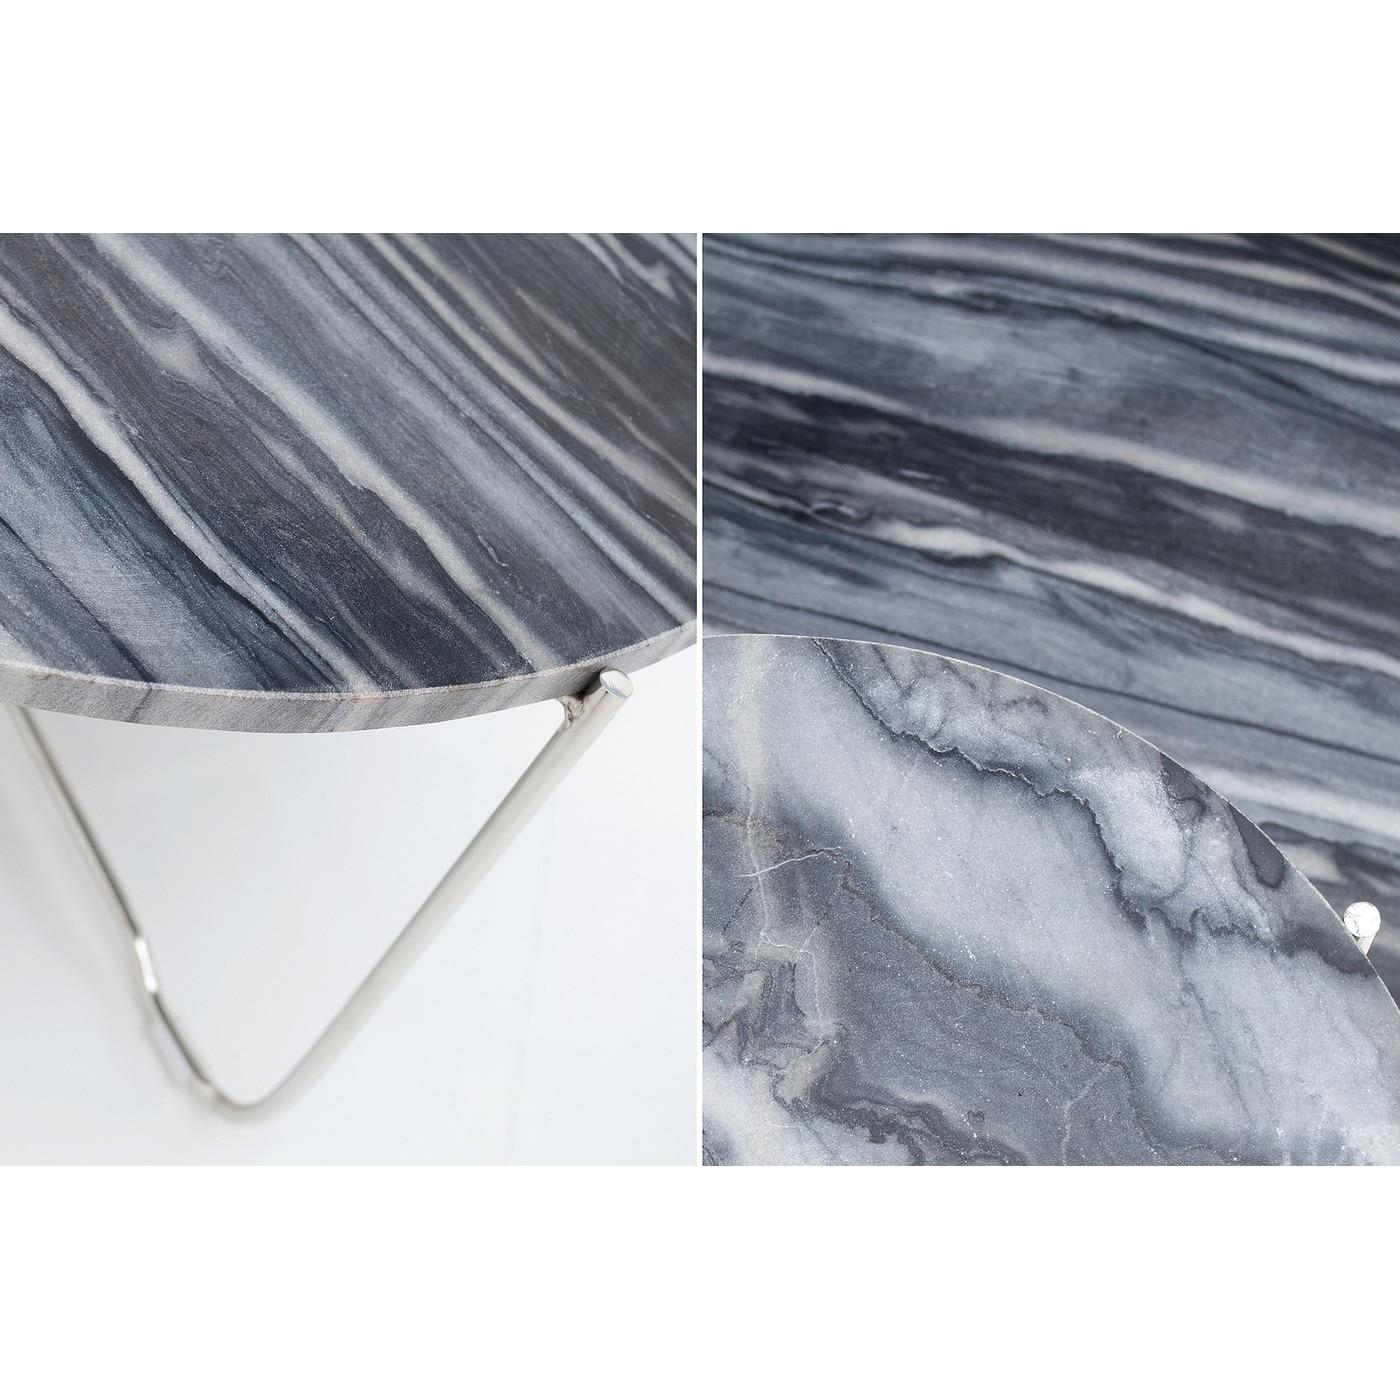 Asztalka, nemes szürke márvány, nagy 36 cm, Paris - Butopea JzAkwt